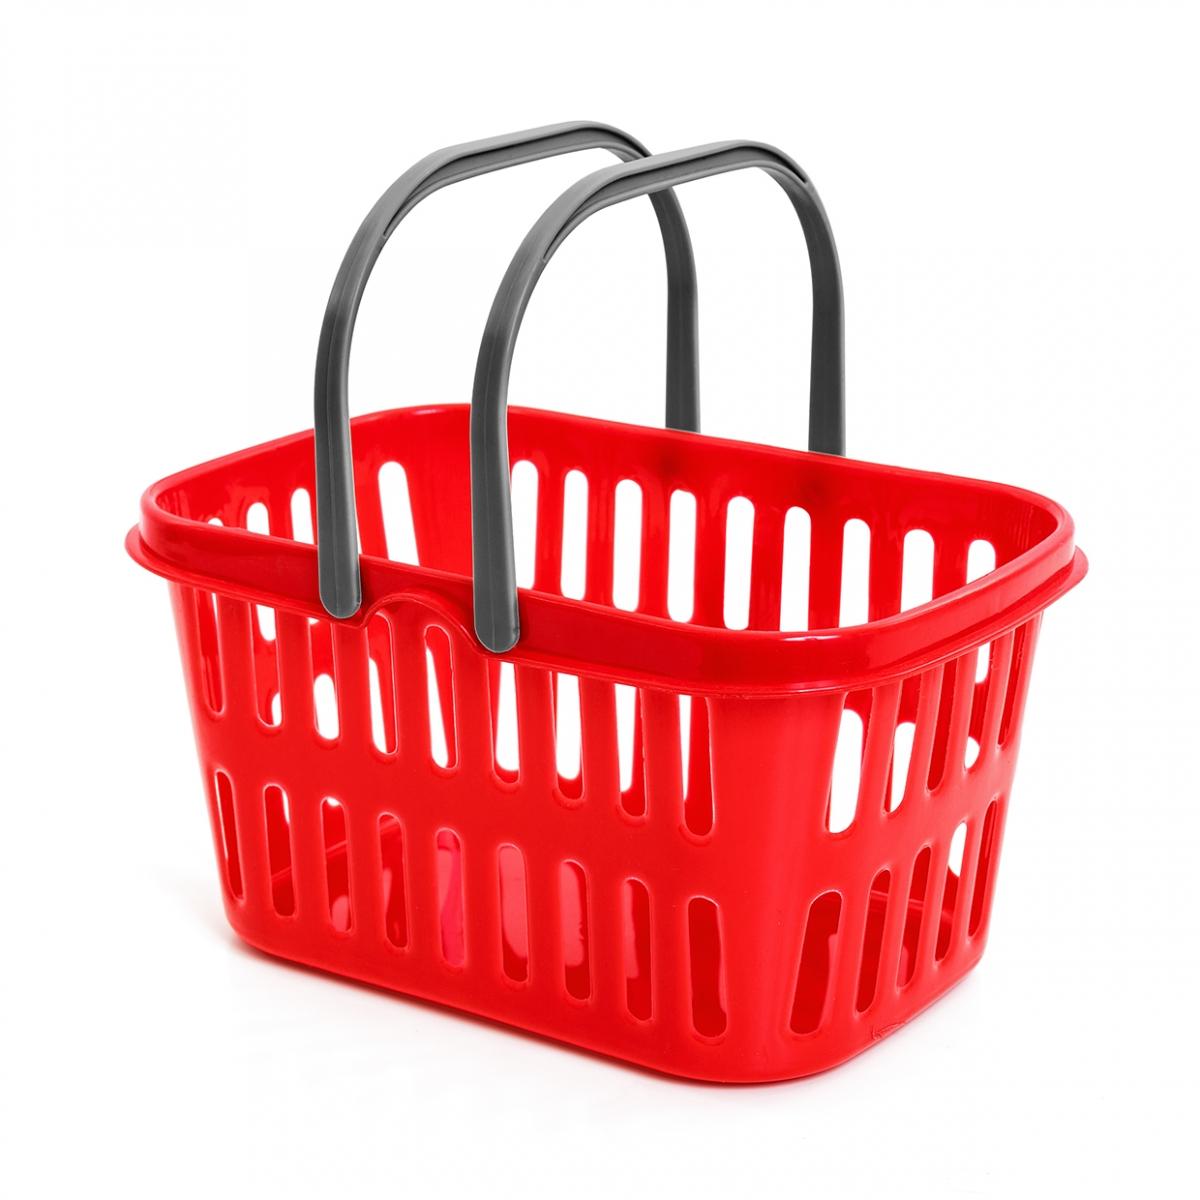 Imagen en la que se ve una cesta de la compra